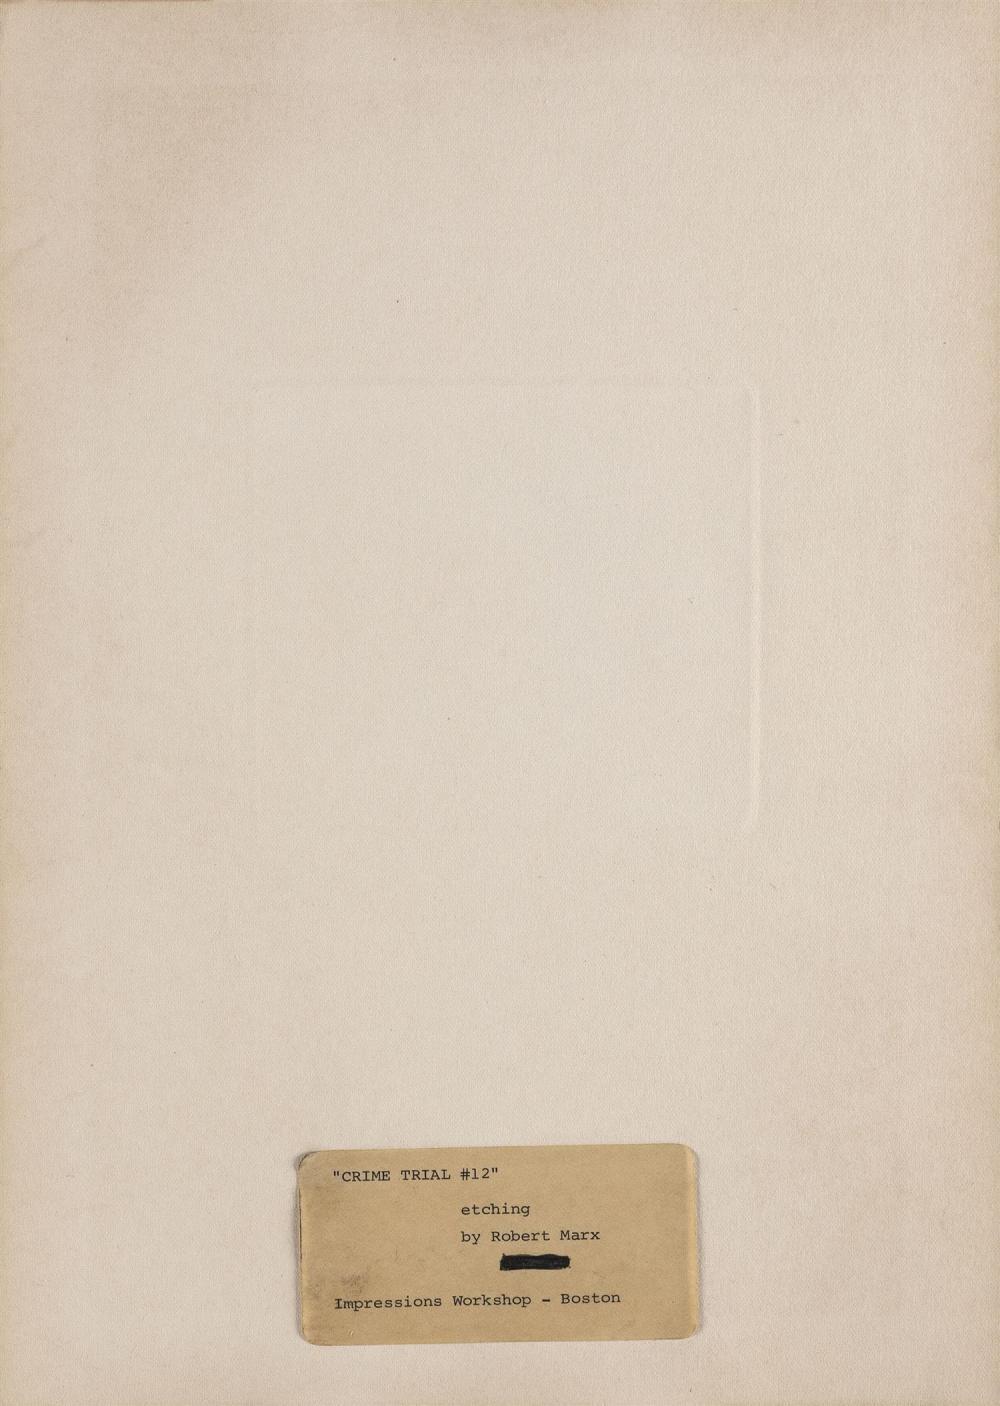 ROBERT ERNST MARX, Massachusetts/New York, b. 1925,